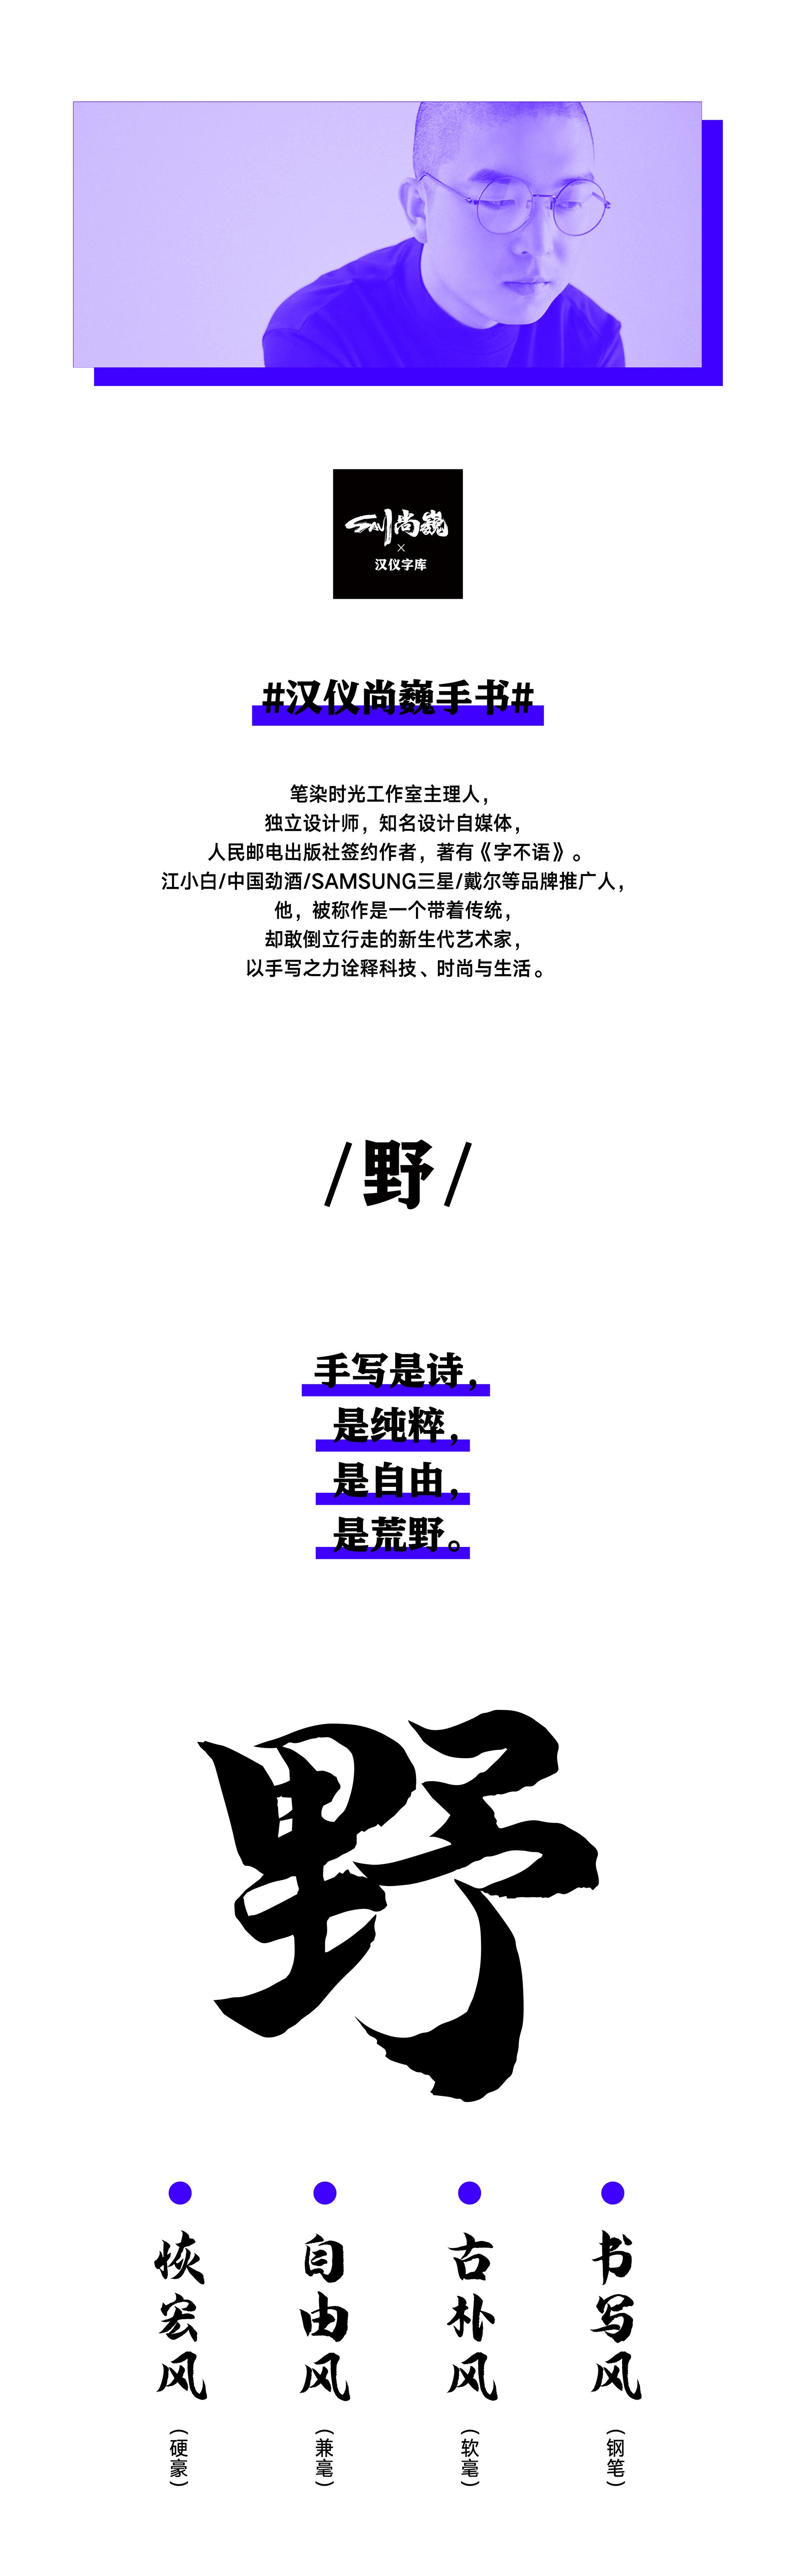 6-1-笔.jpg